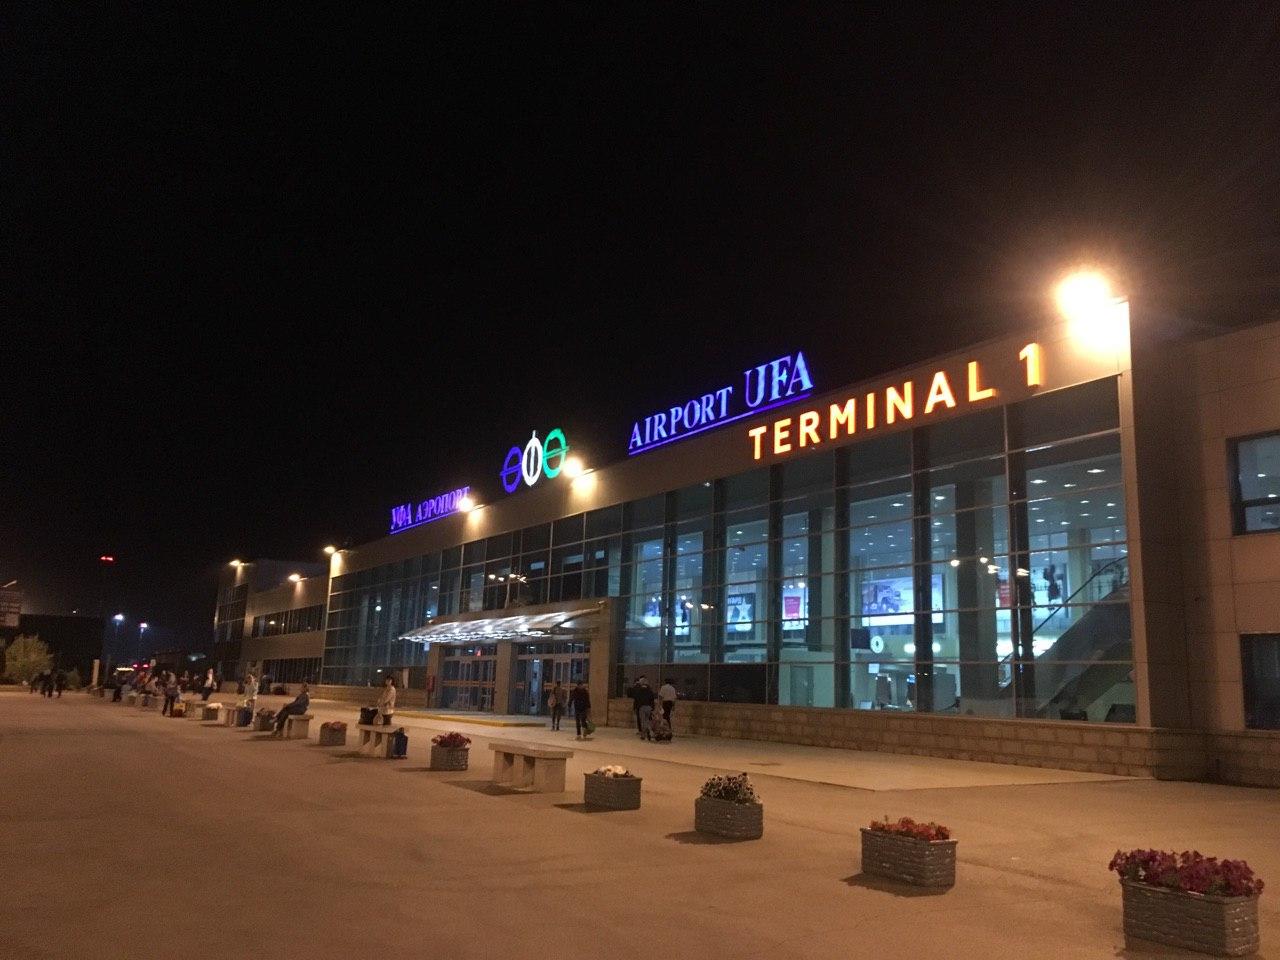 В аэропорту Уфы погиб человек